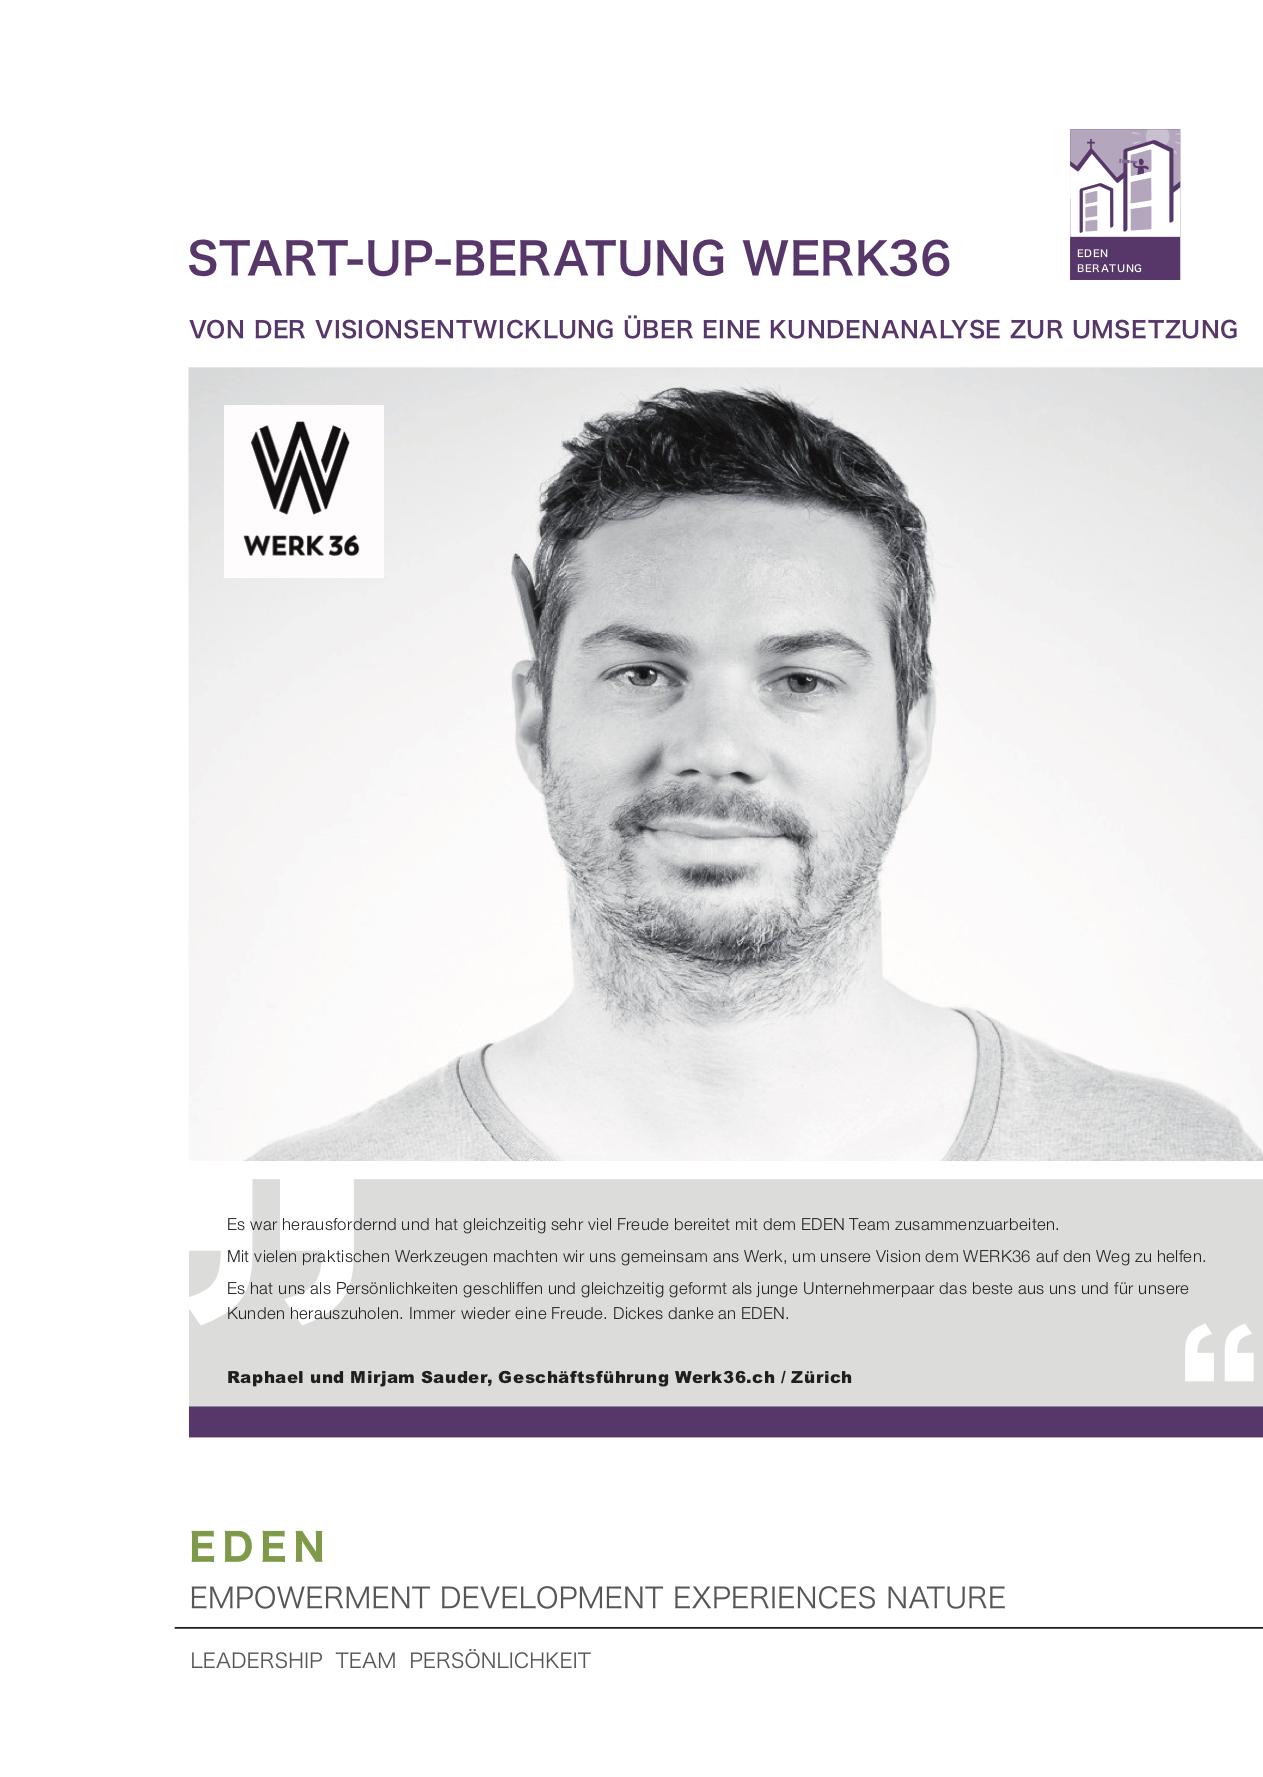 eden_Beratung_Startup_beratung_Werk36 Kopie